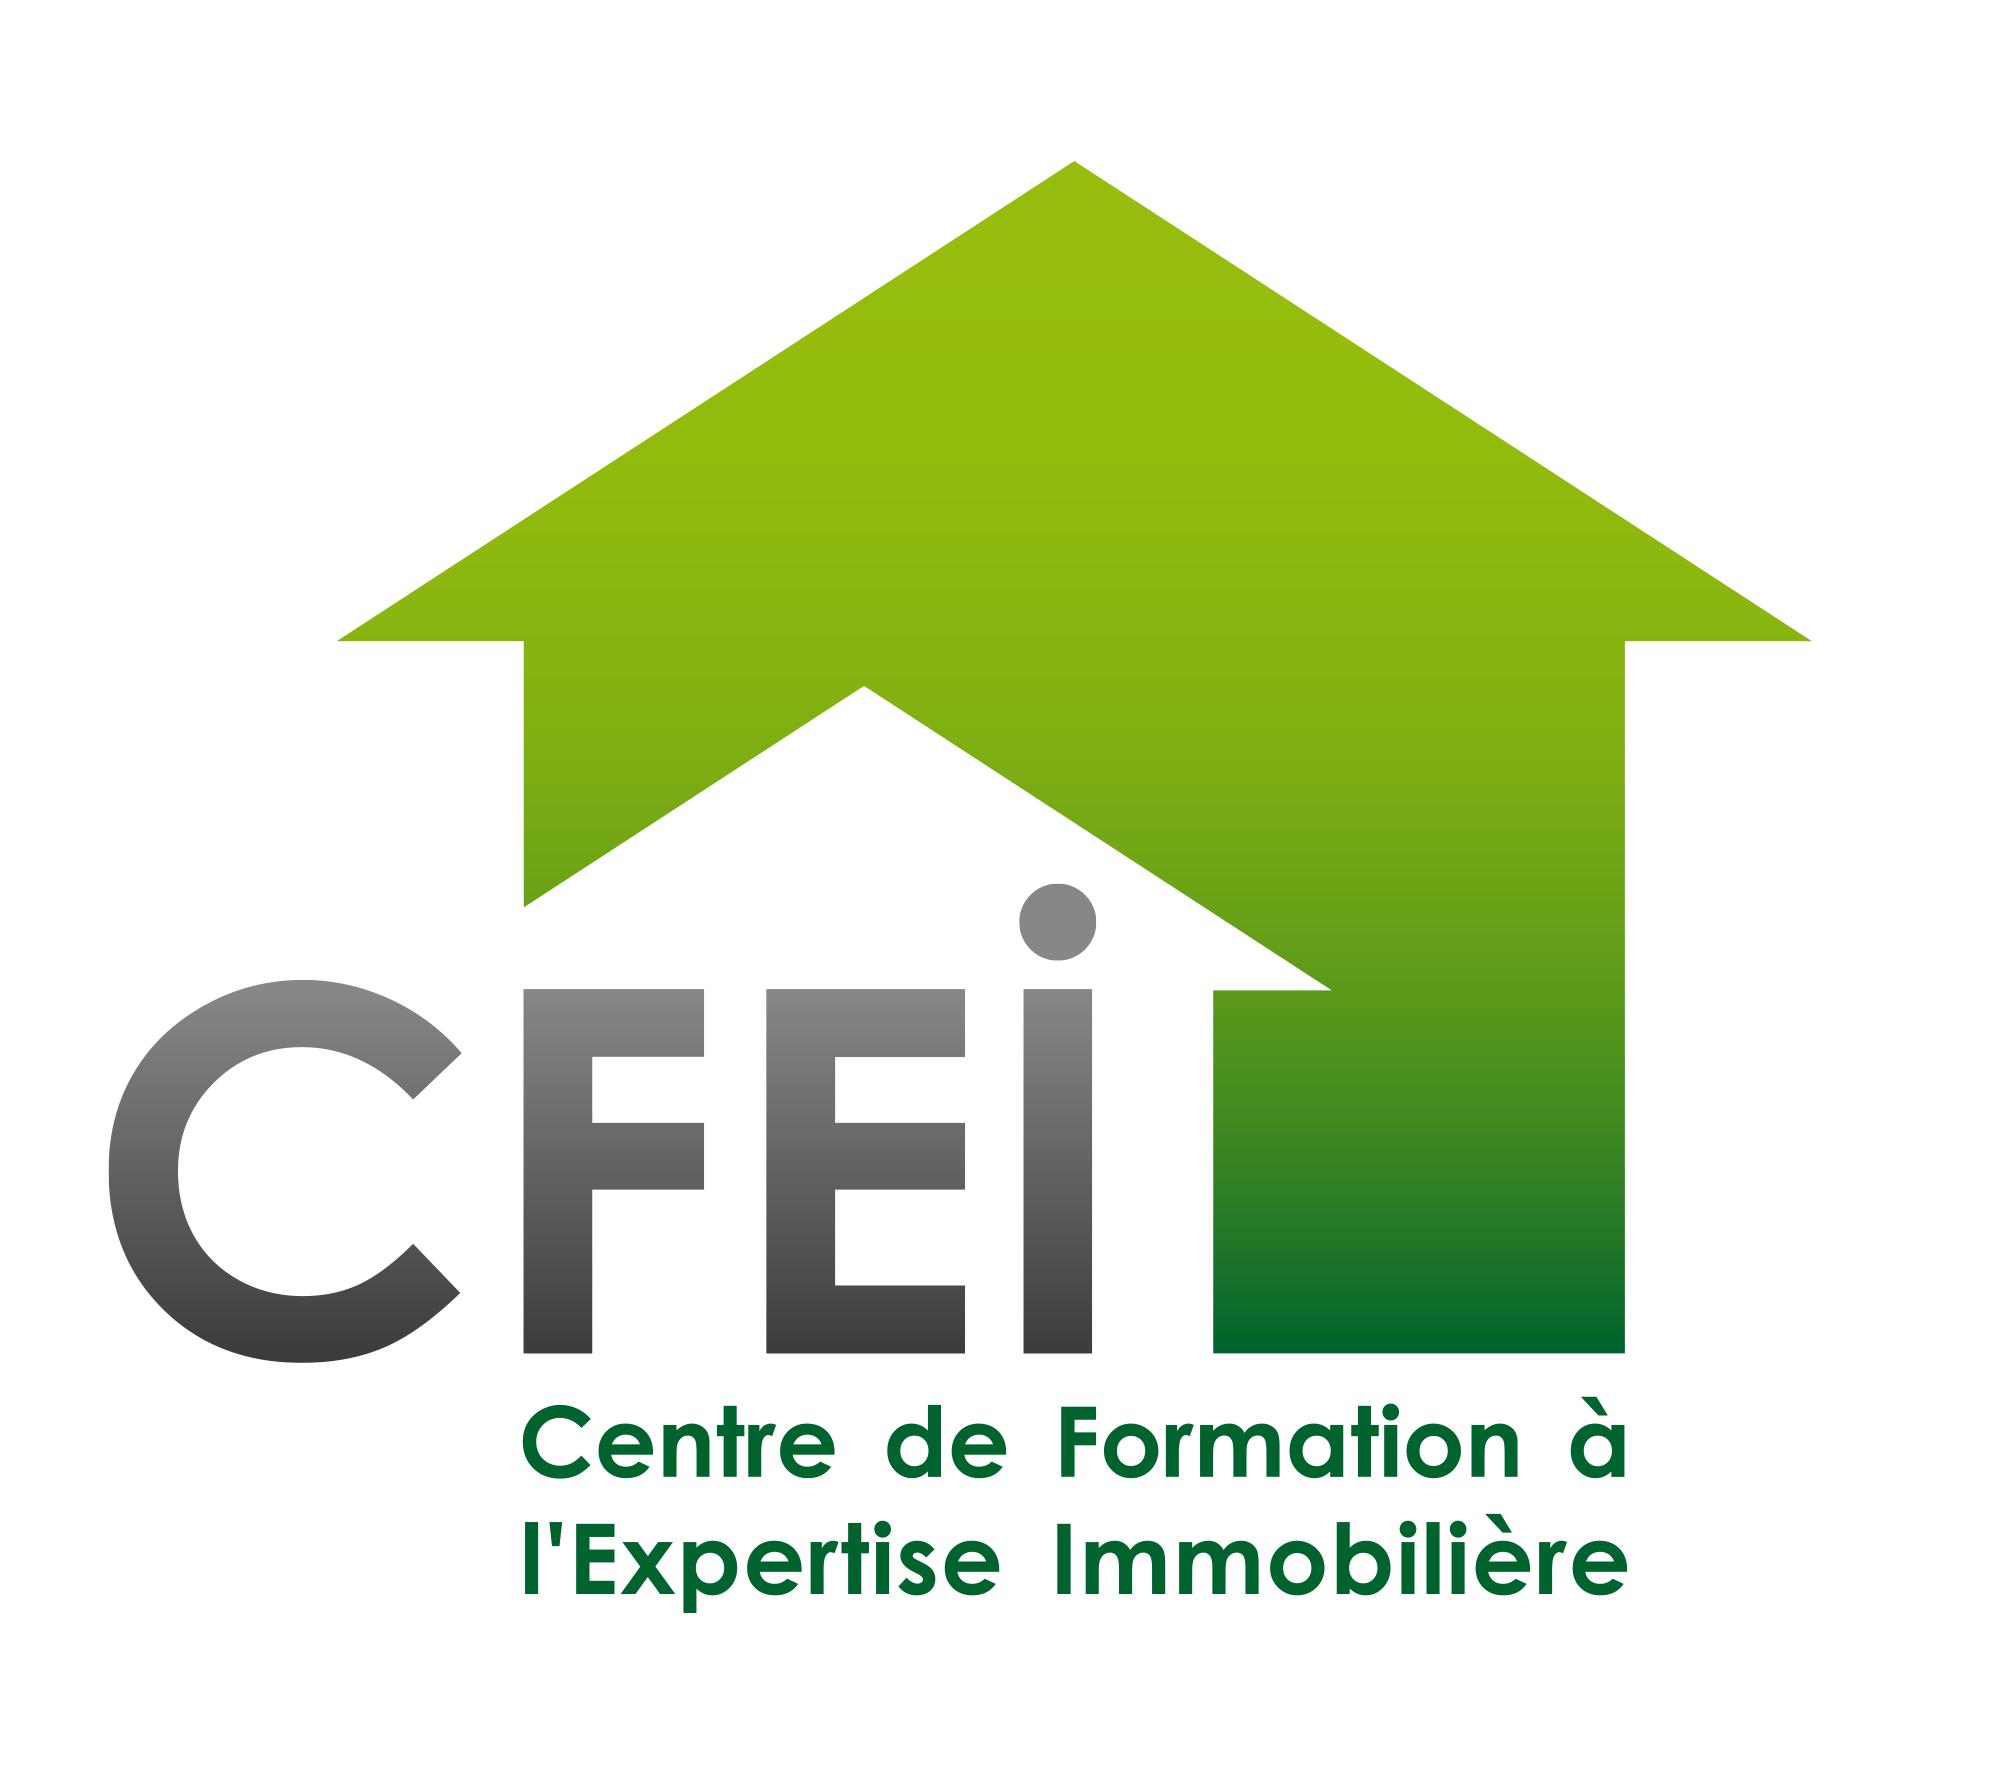 le centre de formation à l'expertise immobilière, le cfei, est le 1er centre de formation certifié QUALIOPI au niveau national